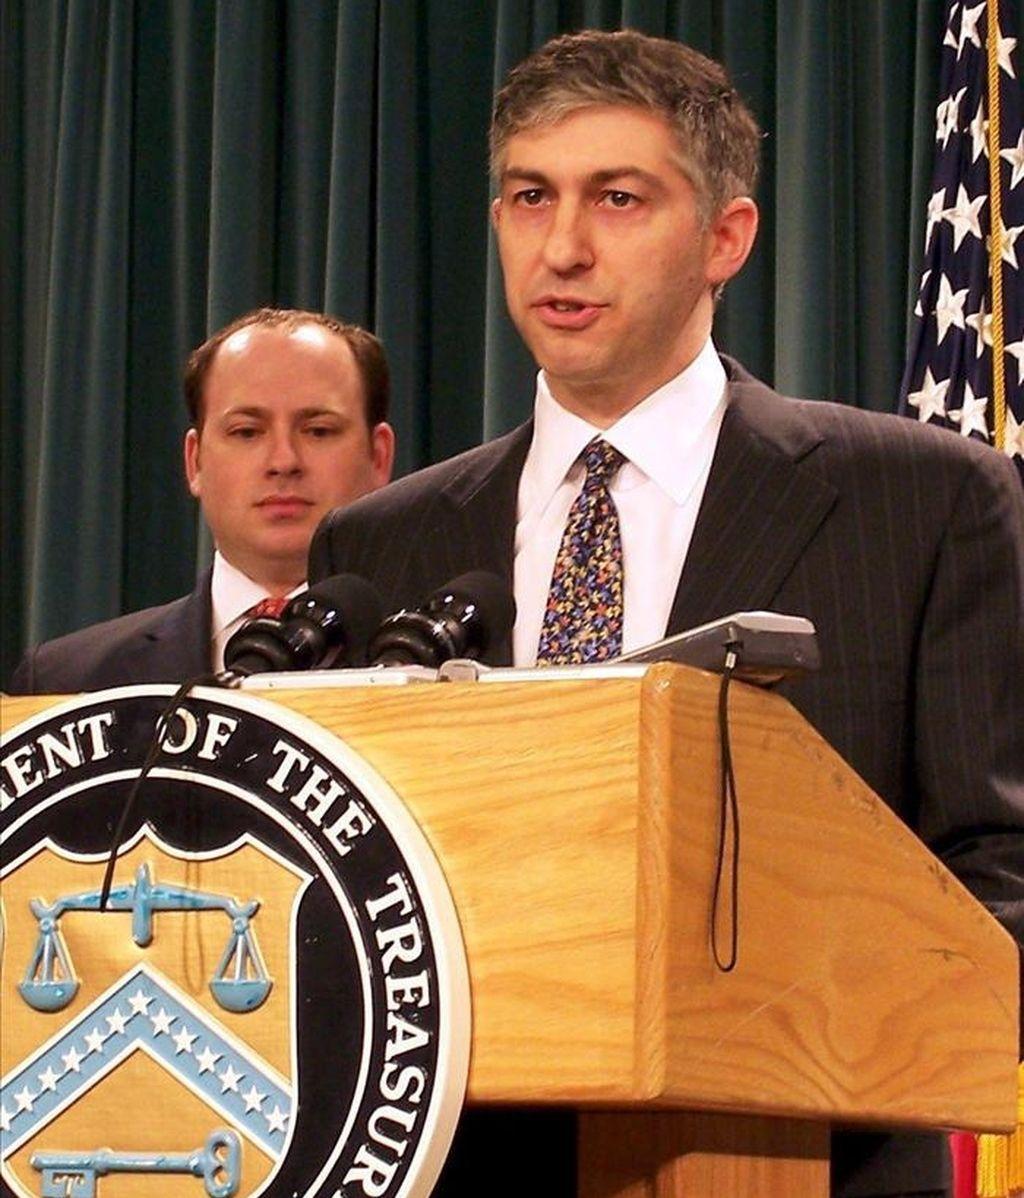 El subsecretario para Terrorismo e Inteligencia Financiera del Departamento del Tesoro de EE.UU., Stuart Levey, anunció que el banco fue incluido en la lista negra de instituciones de blanqueo de dinero relacionado con el tráfico de drogas internacional. EFE/Archivo